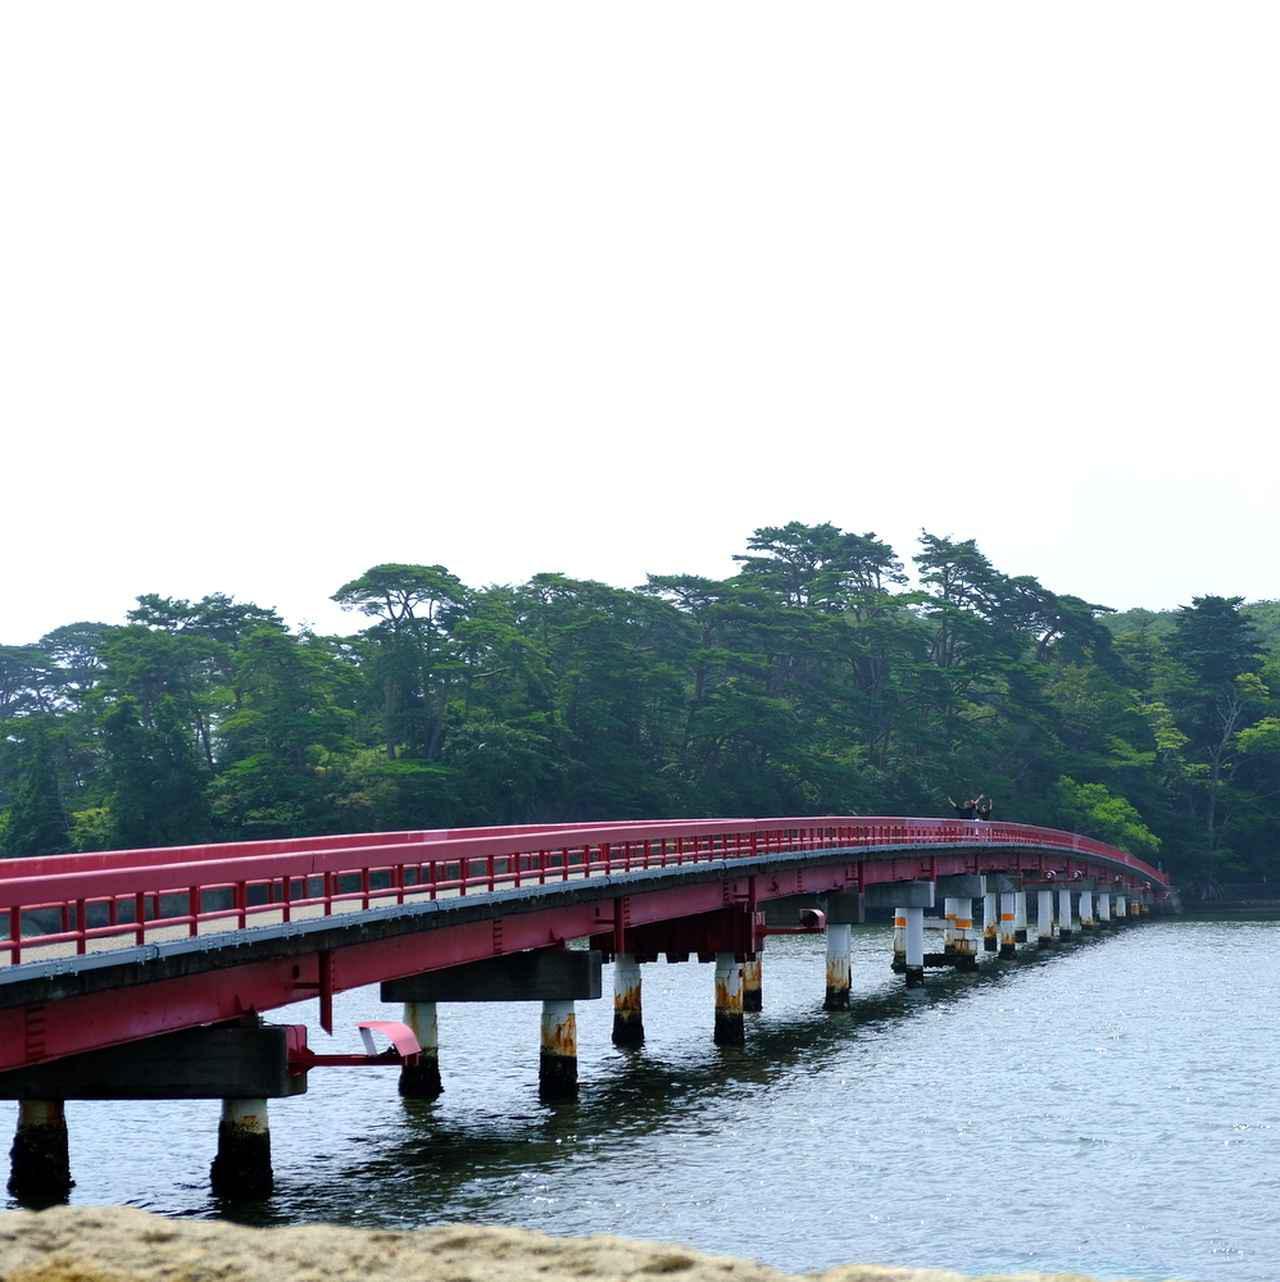 画像: 長―い橋!朱塗りの橋で軽いアーチがかかっています。この橋を渡るだけでもワクワクします。